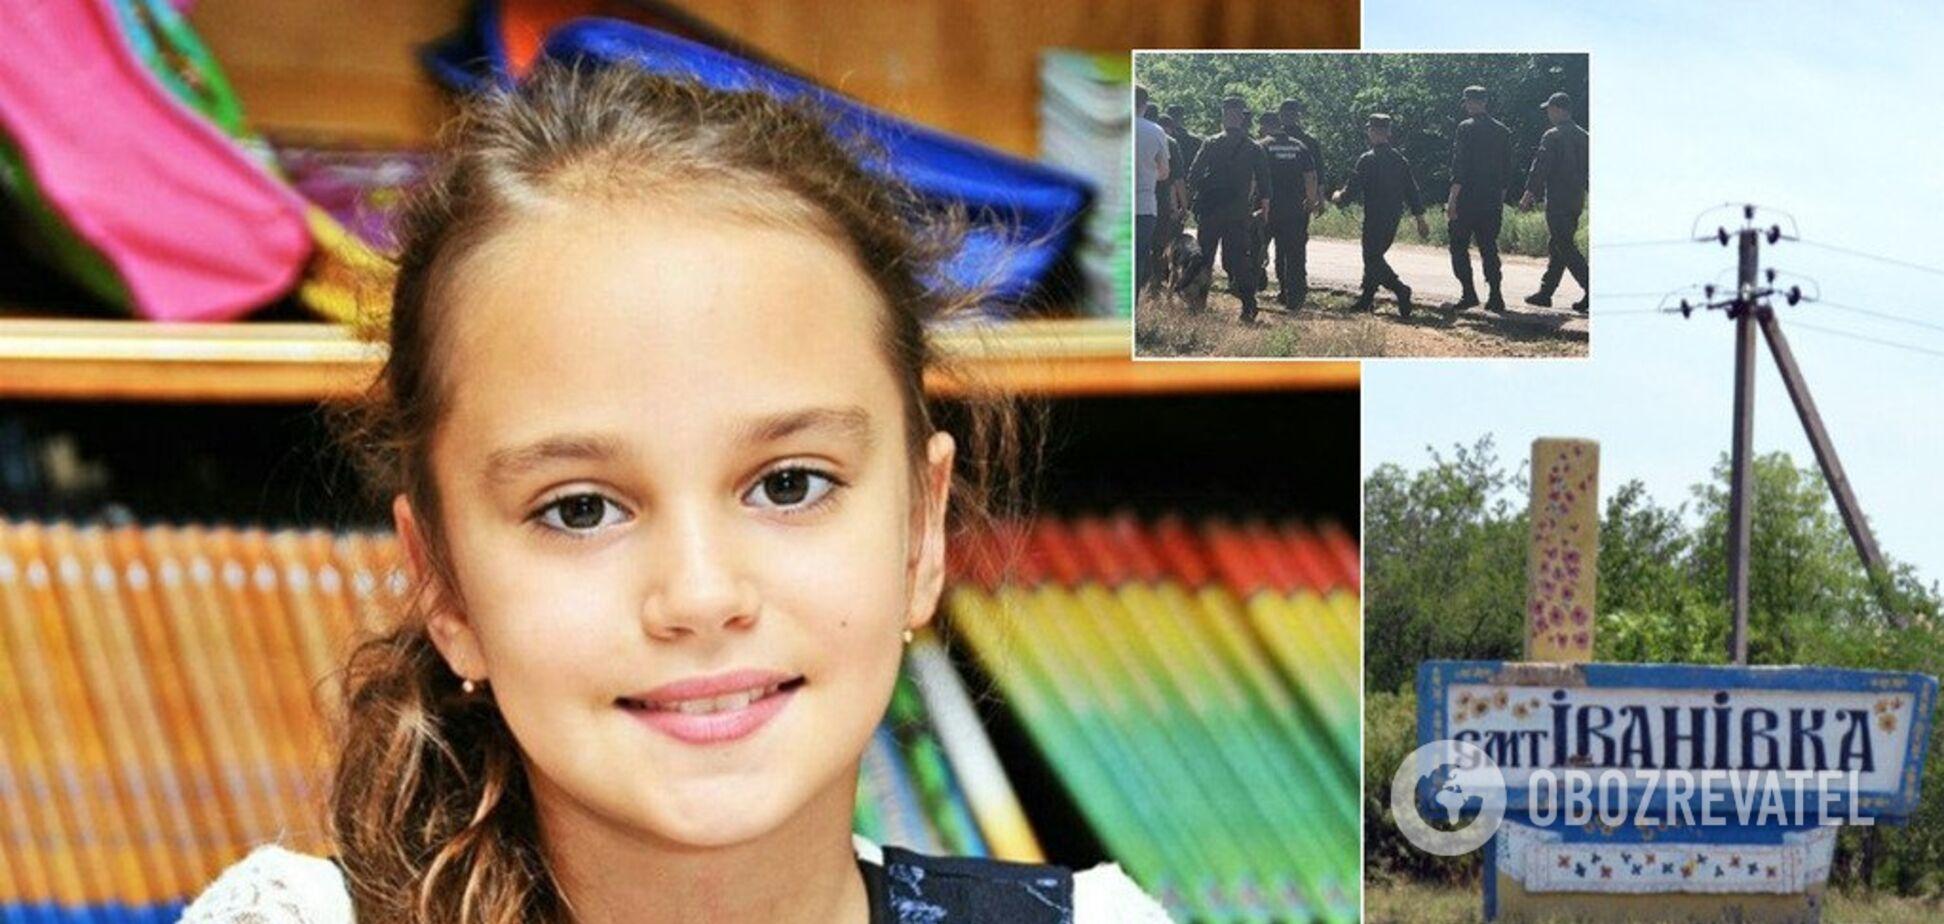 'Идеальное преступление': загадочное исчезновение 11-летней девочки на Одесщине обрастает страшными подробностями